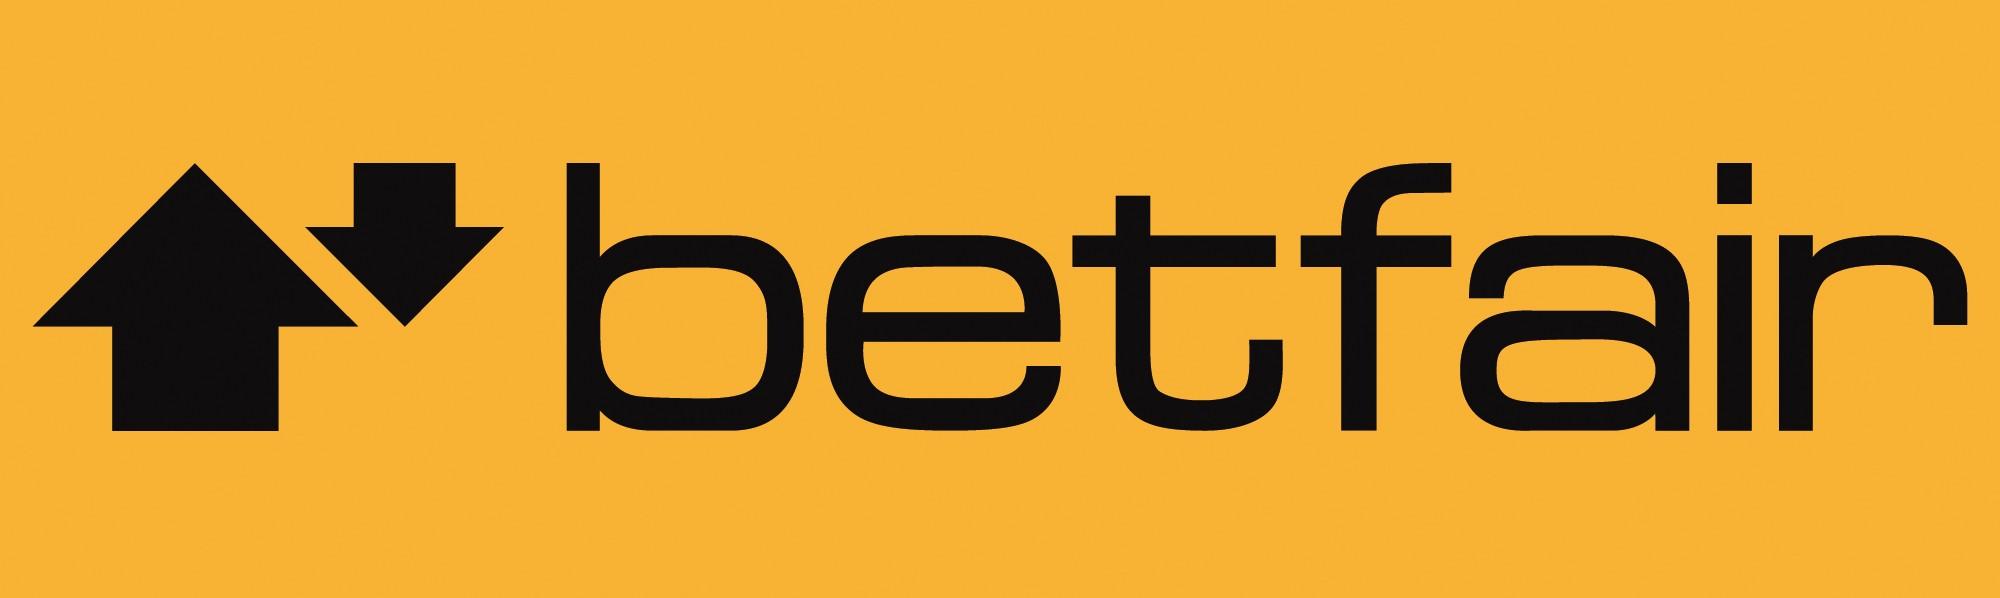 Betfair ou Bet365: Aplicativos e acessibilidade mobile - Novamente, ponto para o Betfair